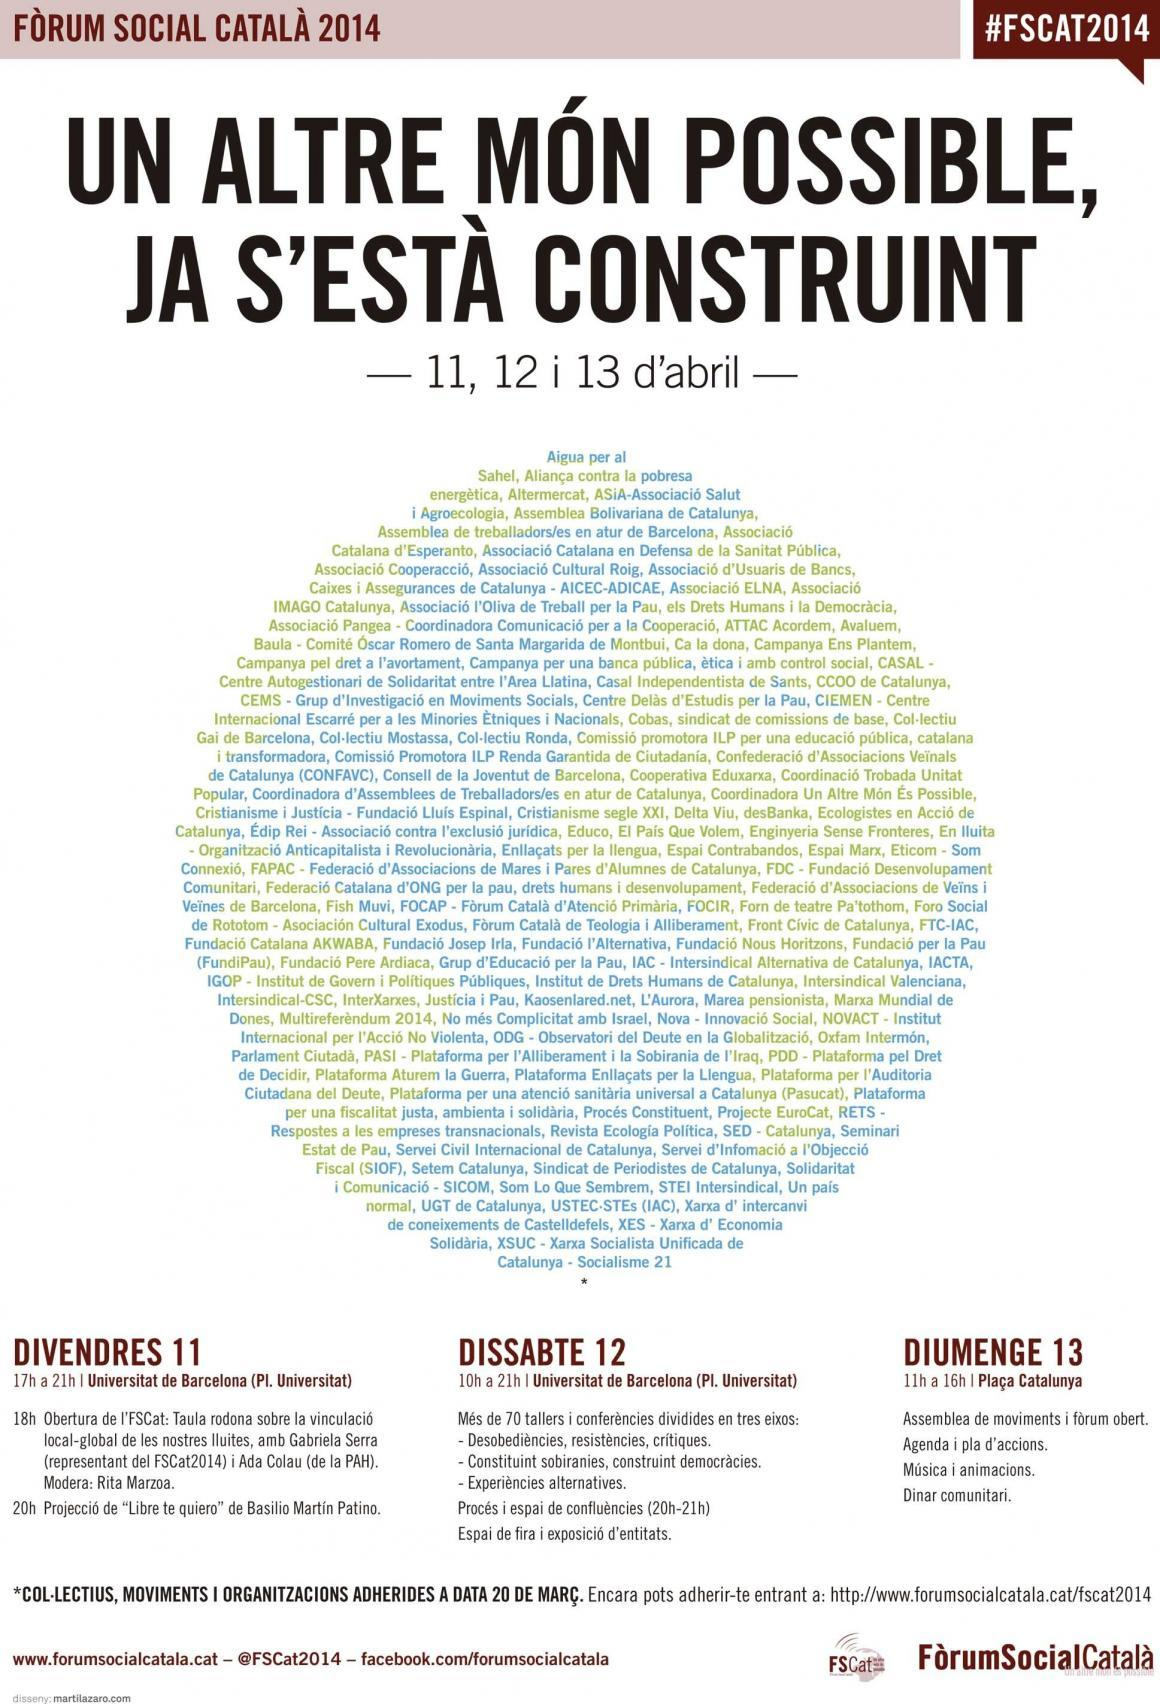 L'SCI organitza una Biblioteca Humana al Forum Social Català. T'apuntes?